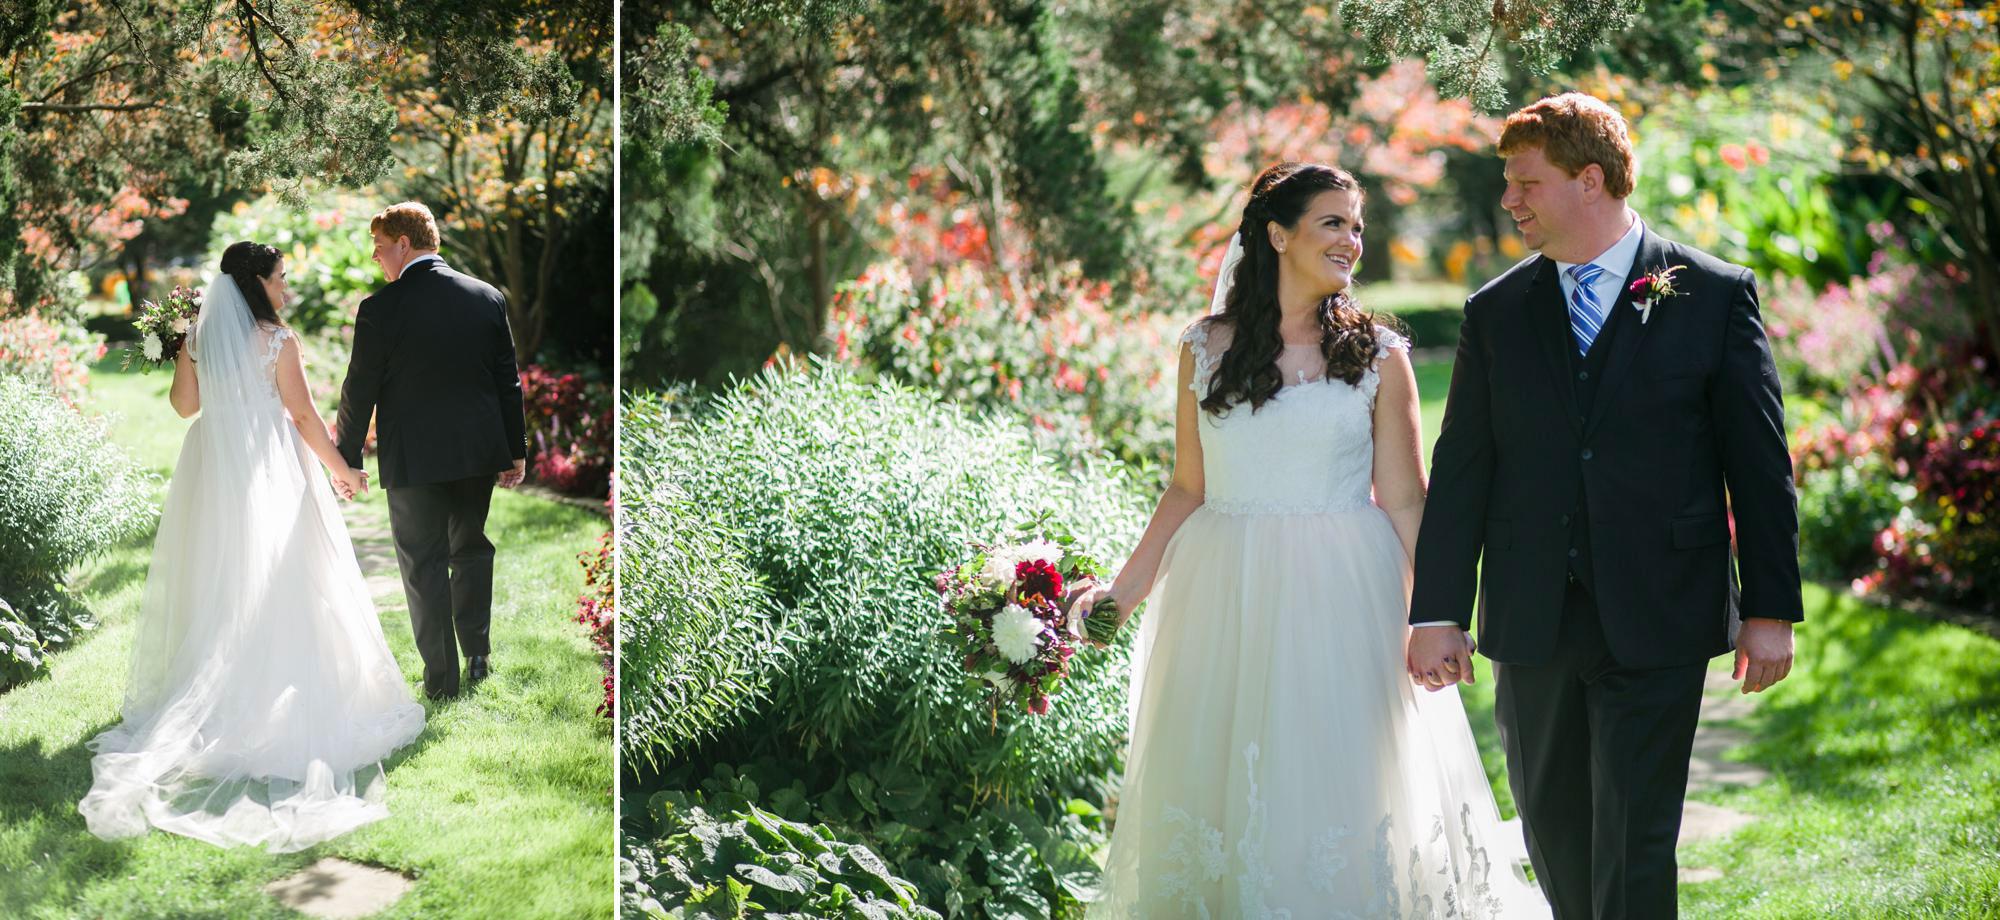 toledo-zoo-wedding-pictures-140.jpg